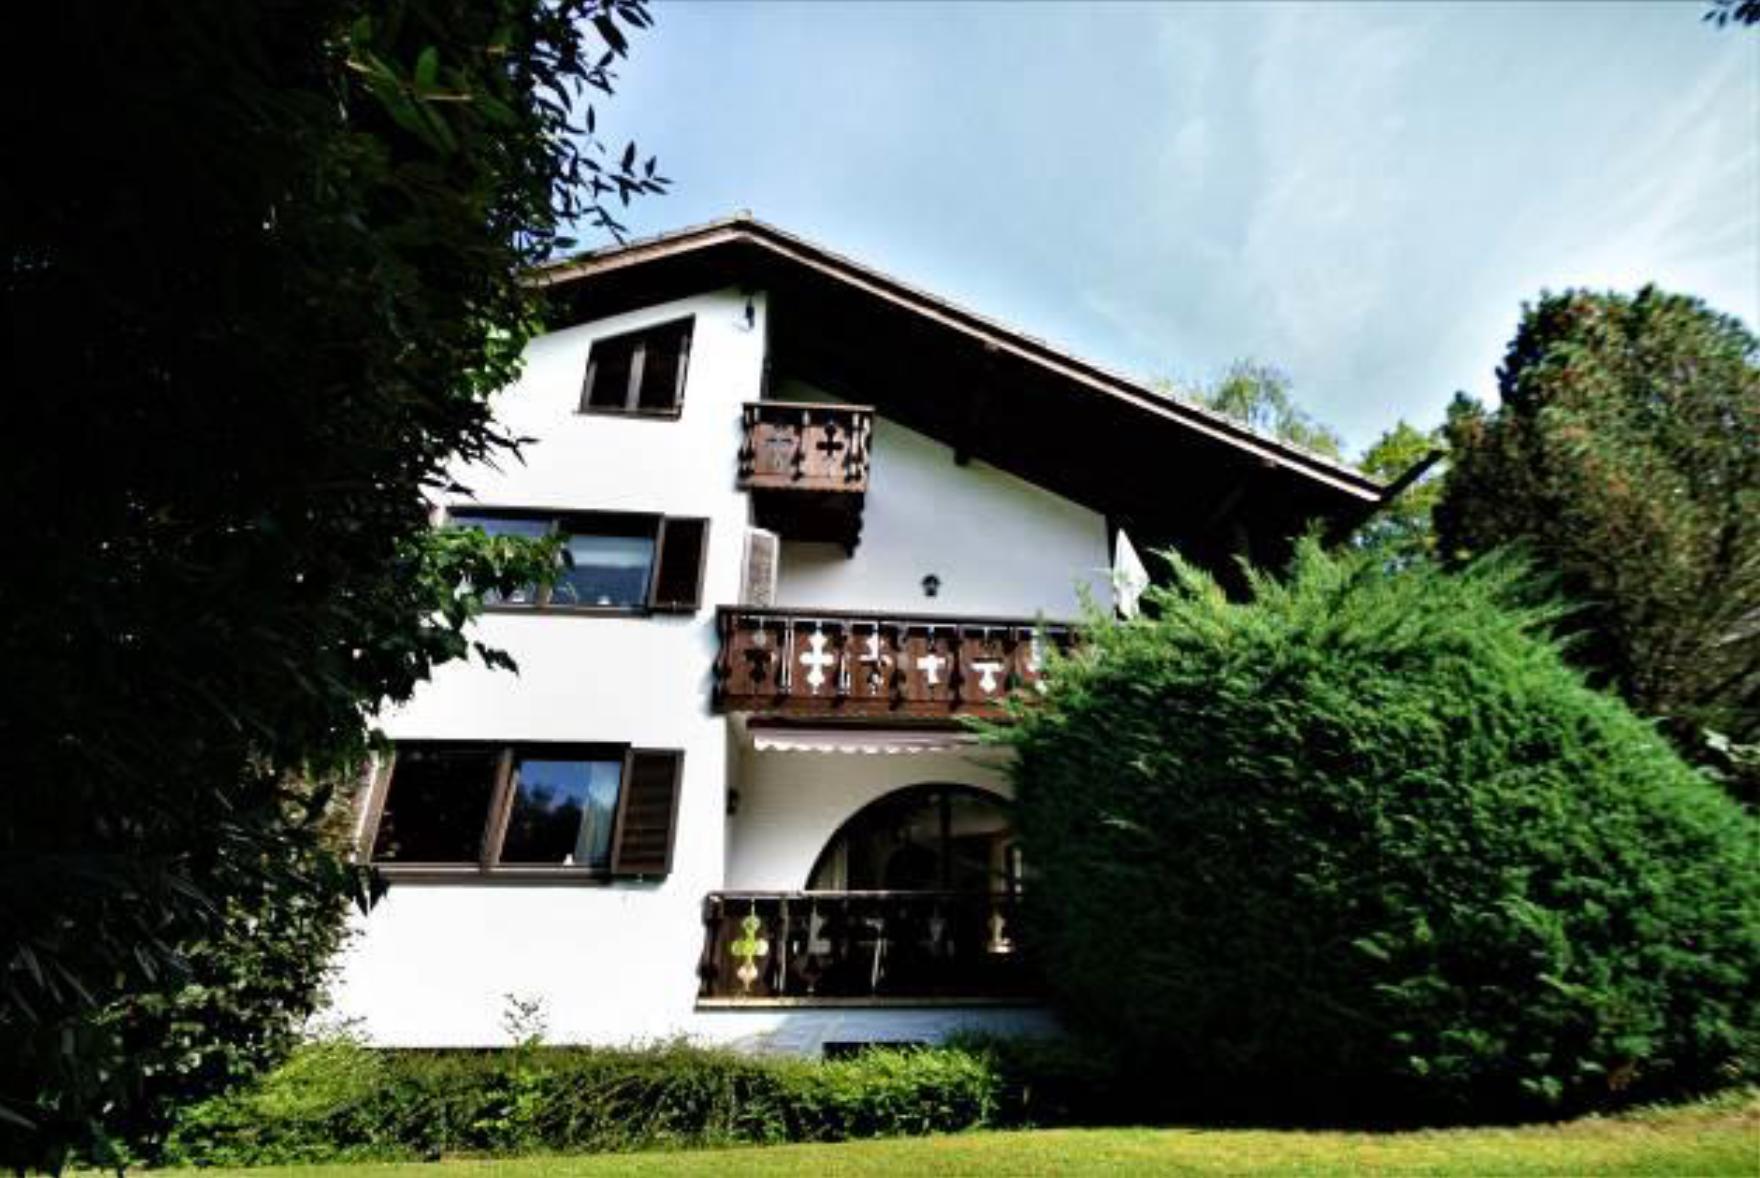 Sonnige neu renovierte 5-Raum-Wohnung mit Balkon und Garten in Herrsching oder helles 2 Zi Studio in